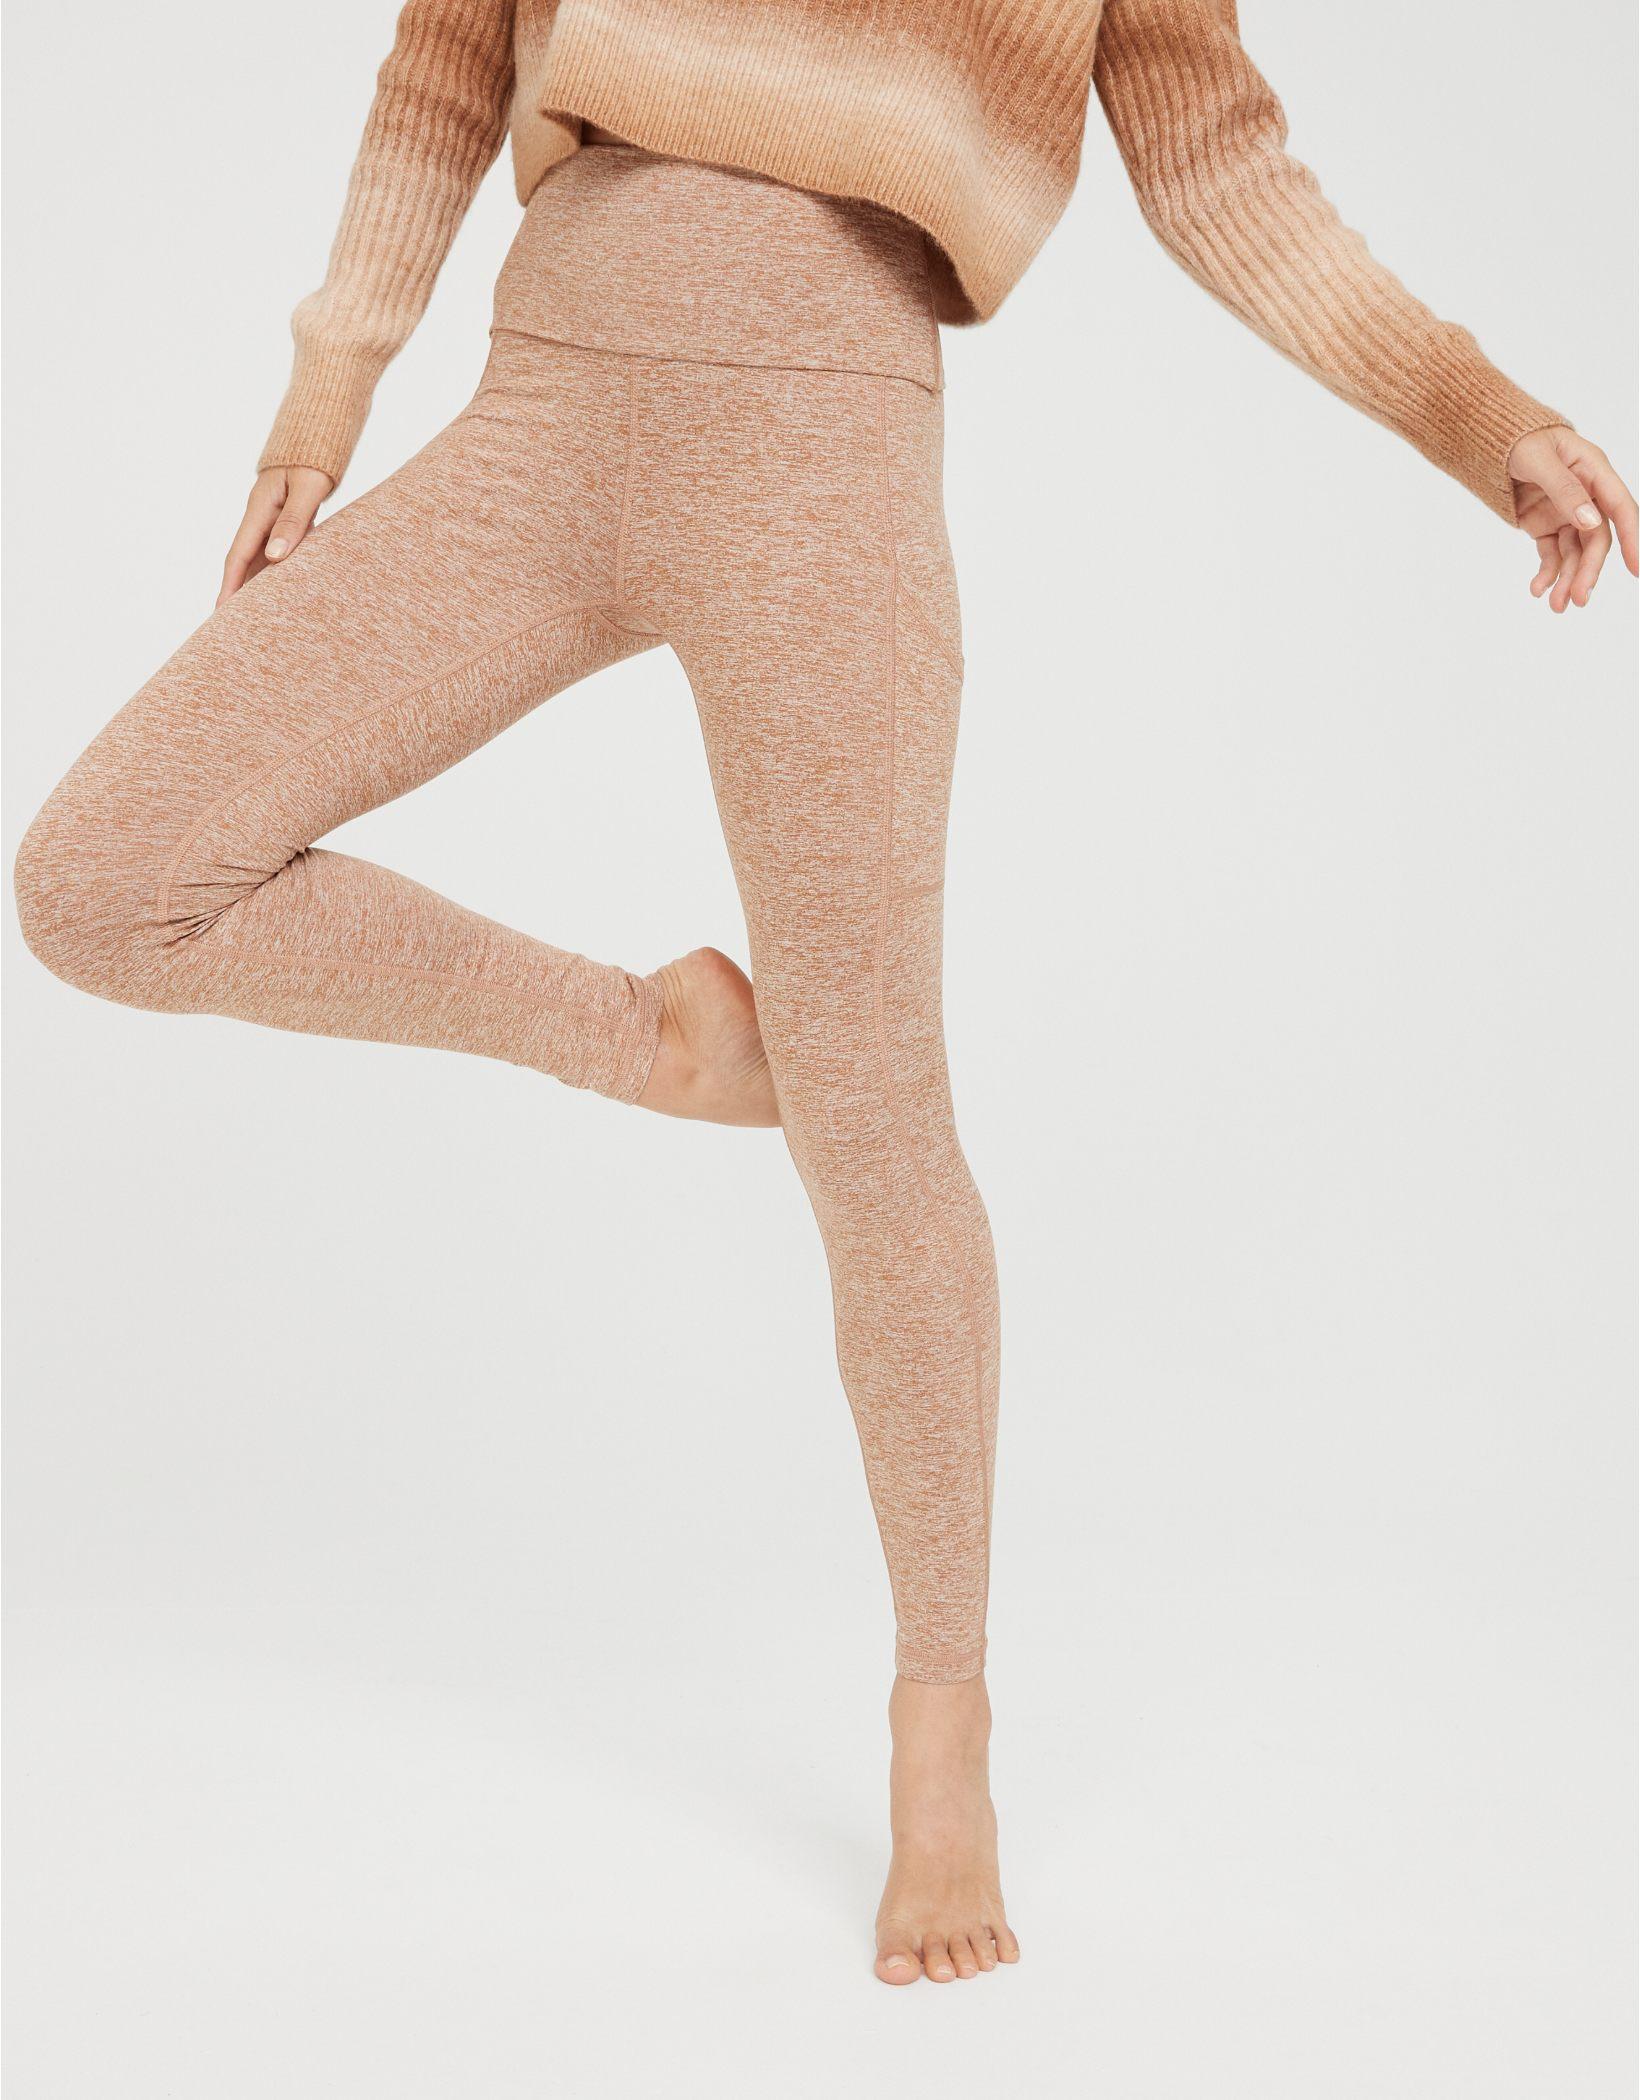 OFFLINE The Hugger High Waisted Foldover Legging